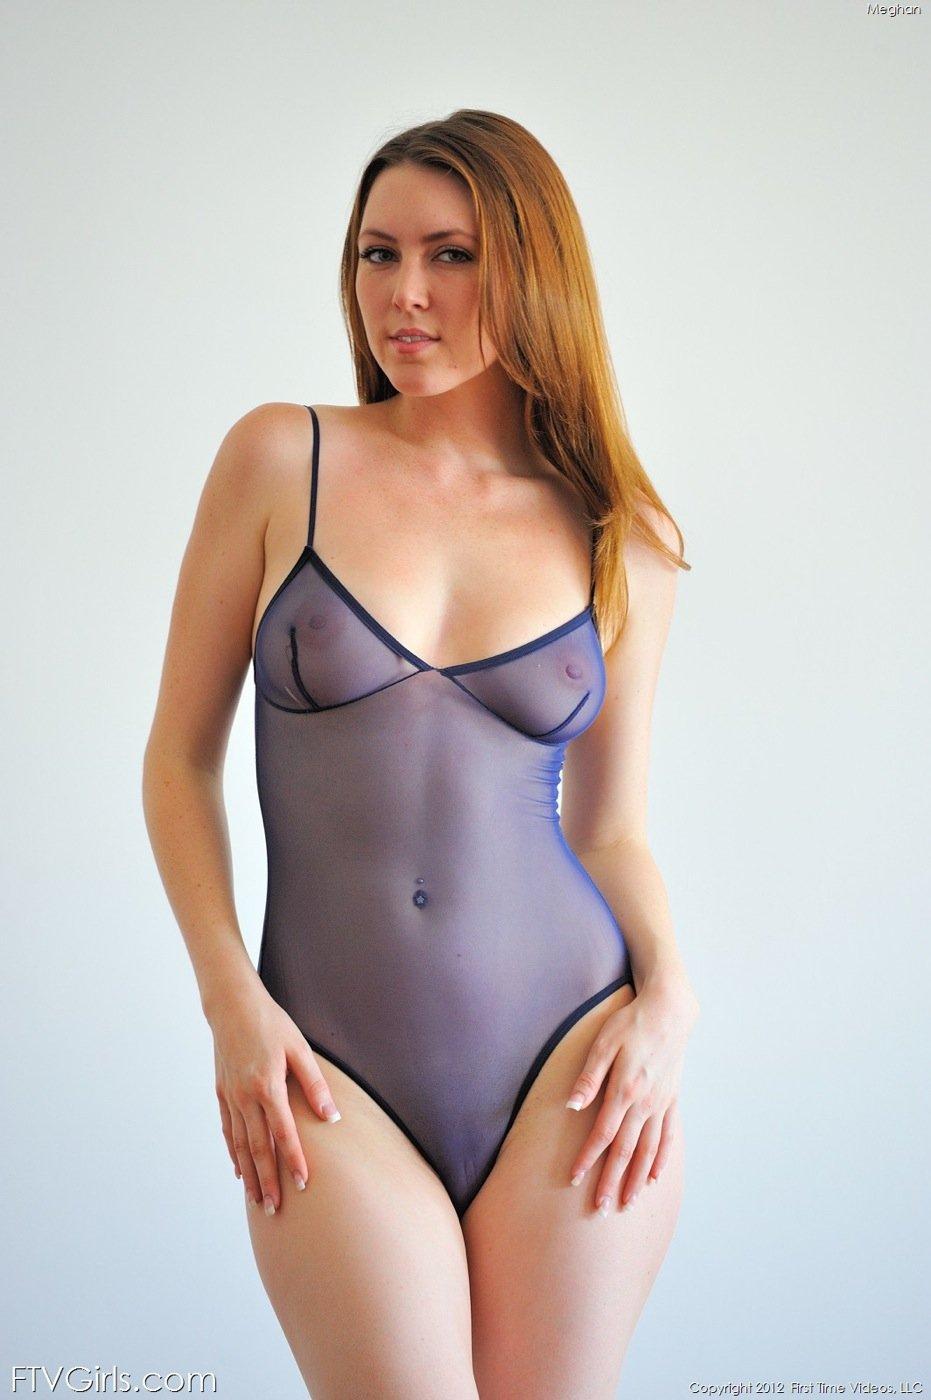 satin-amatures-sheer-nudes